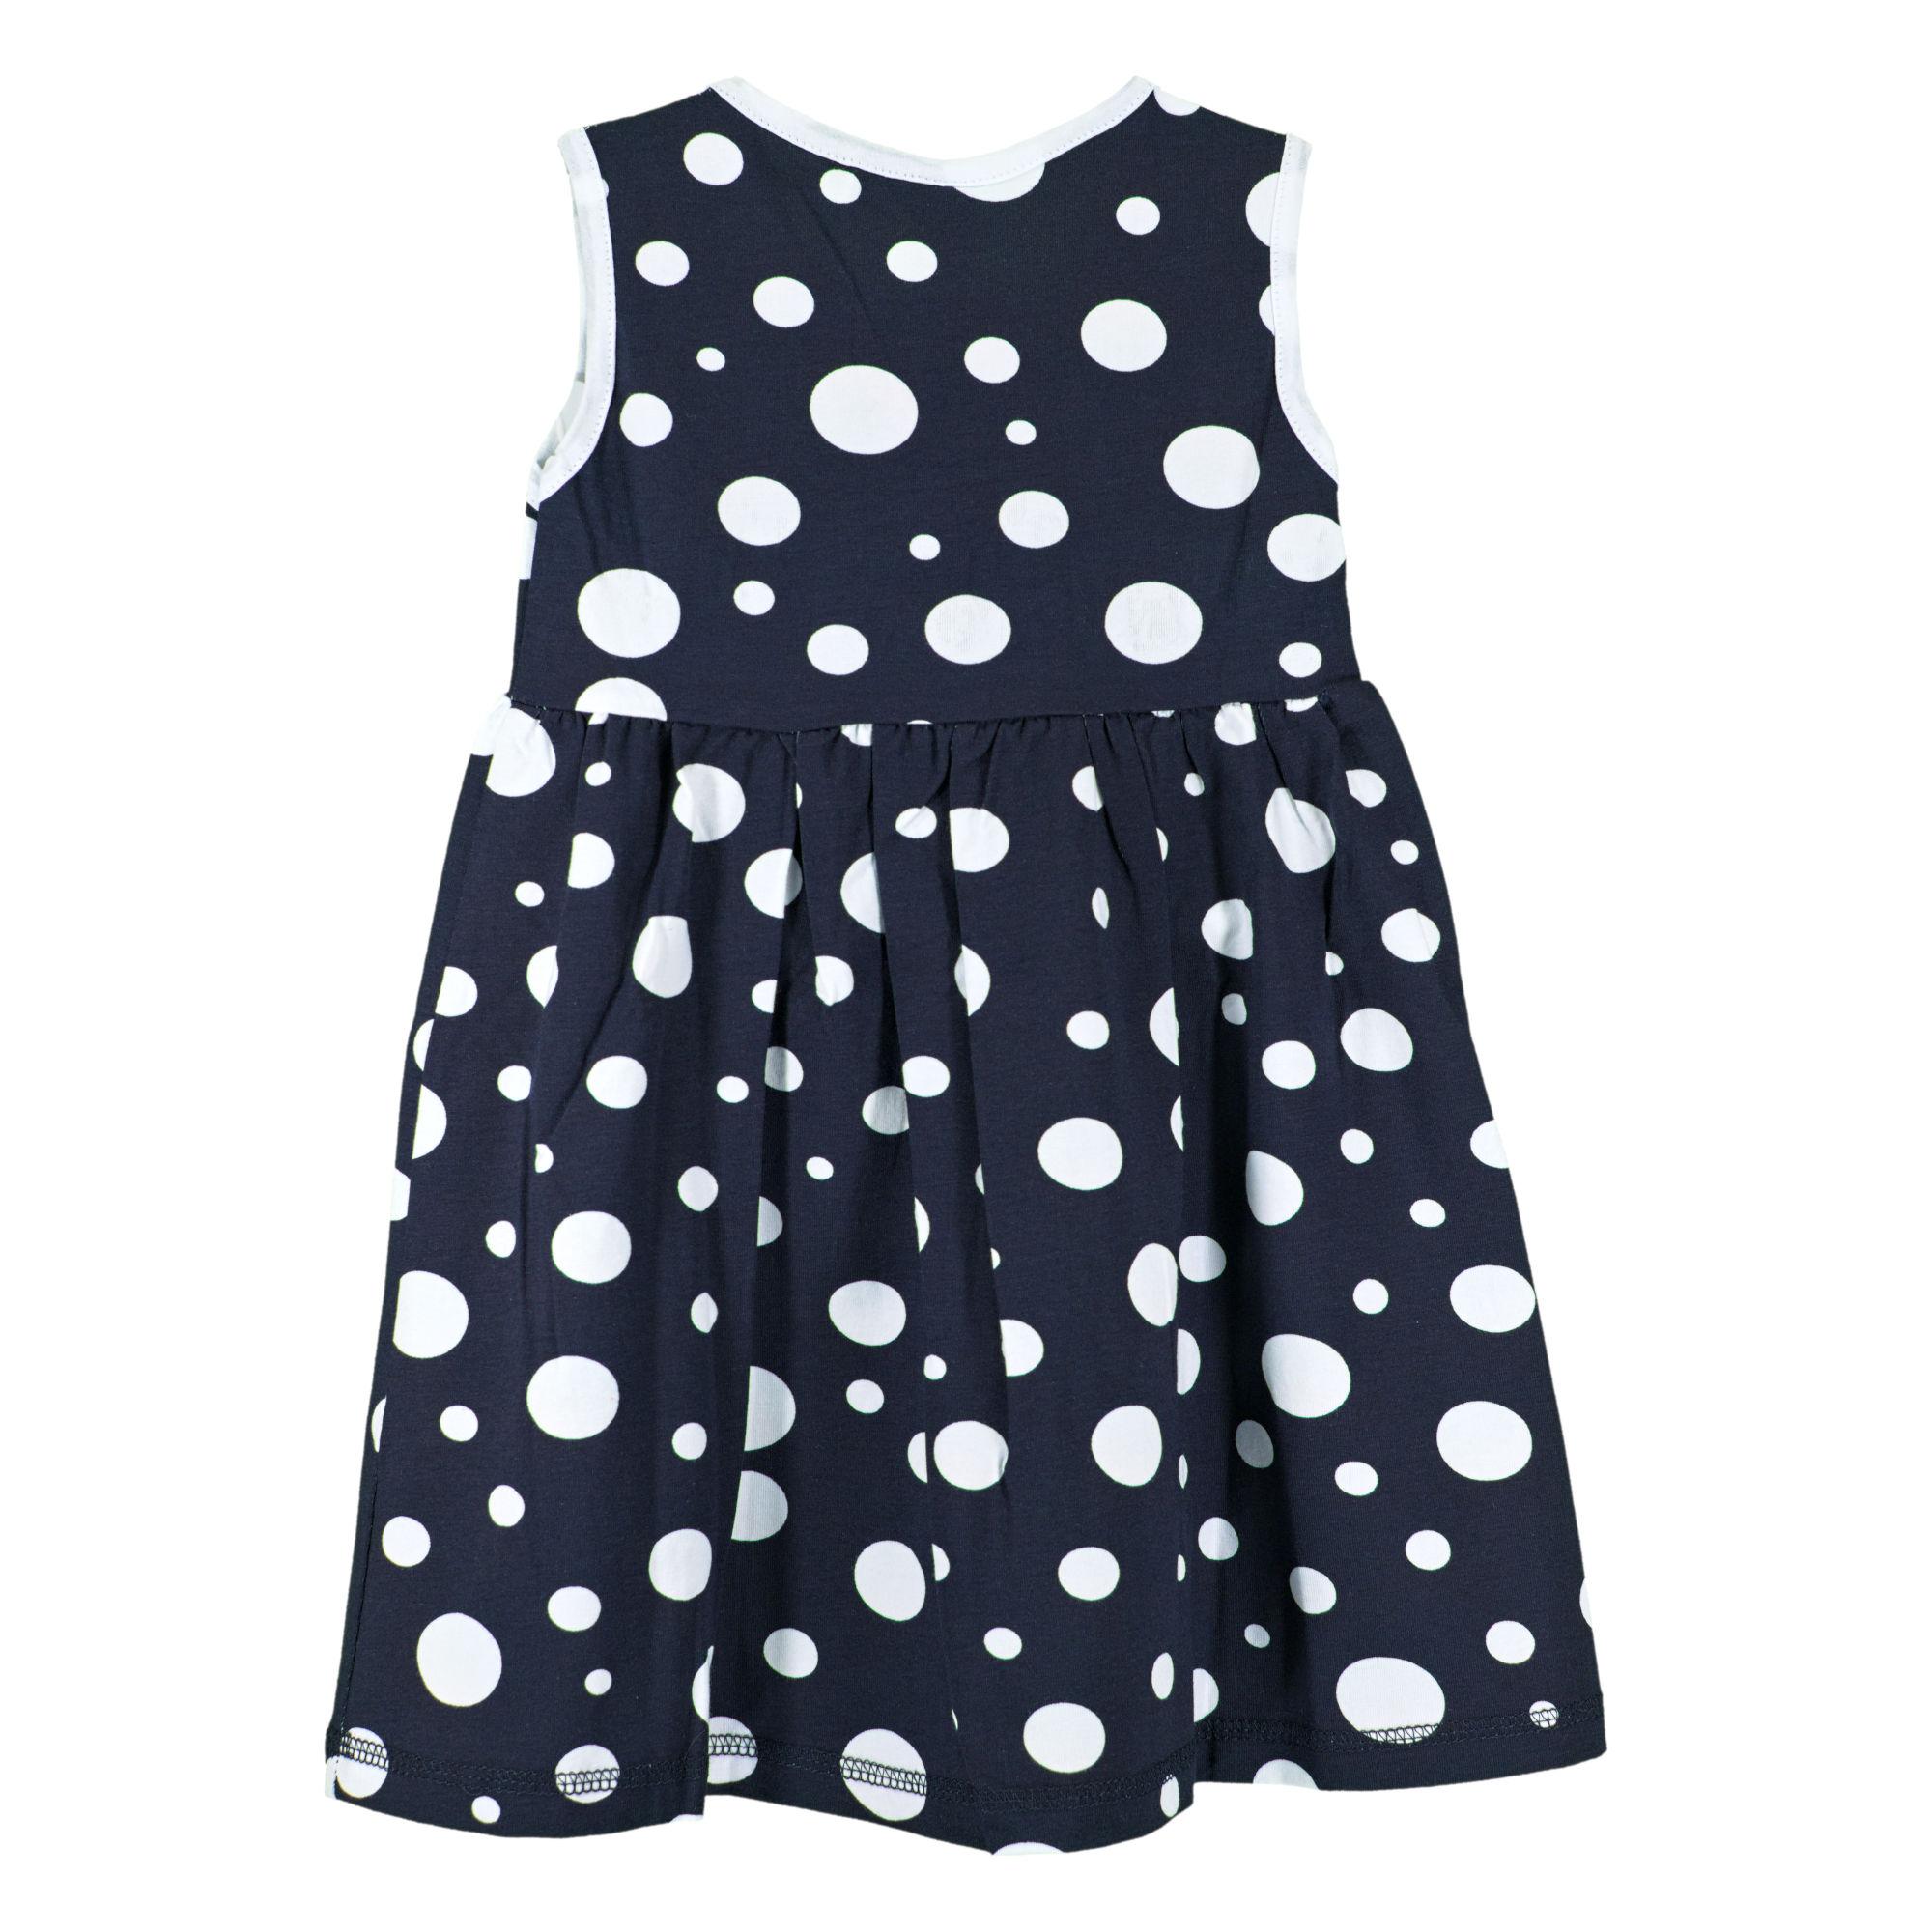 fd2e9c012c9 Детска рокля, тъмно синя, на бели точки, с червена панделка ...